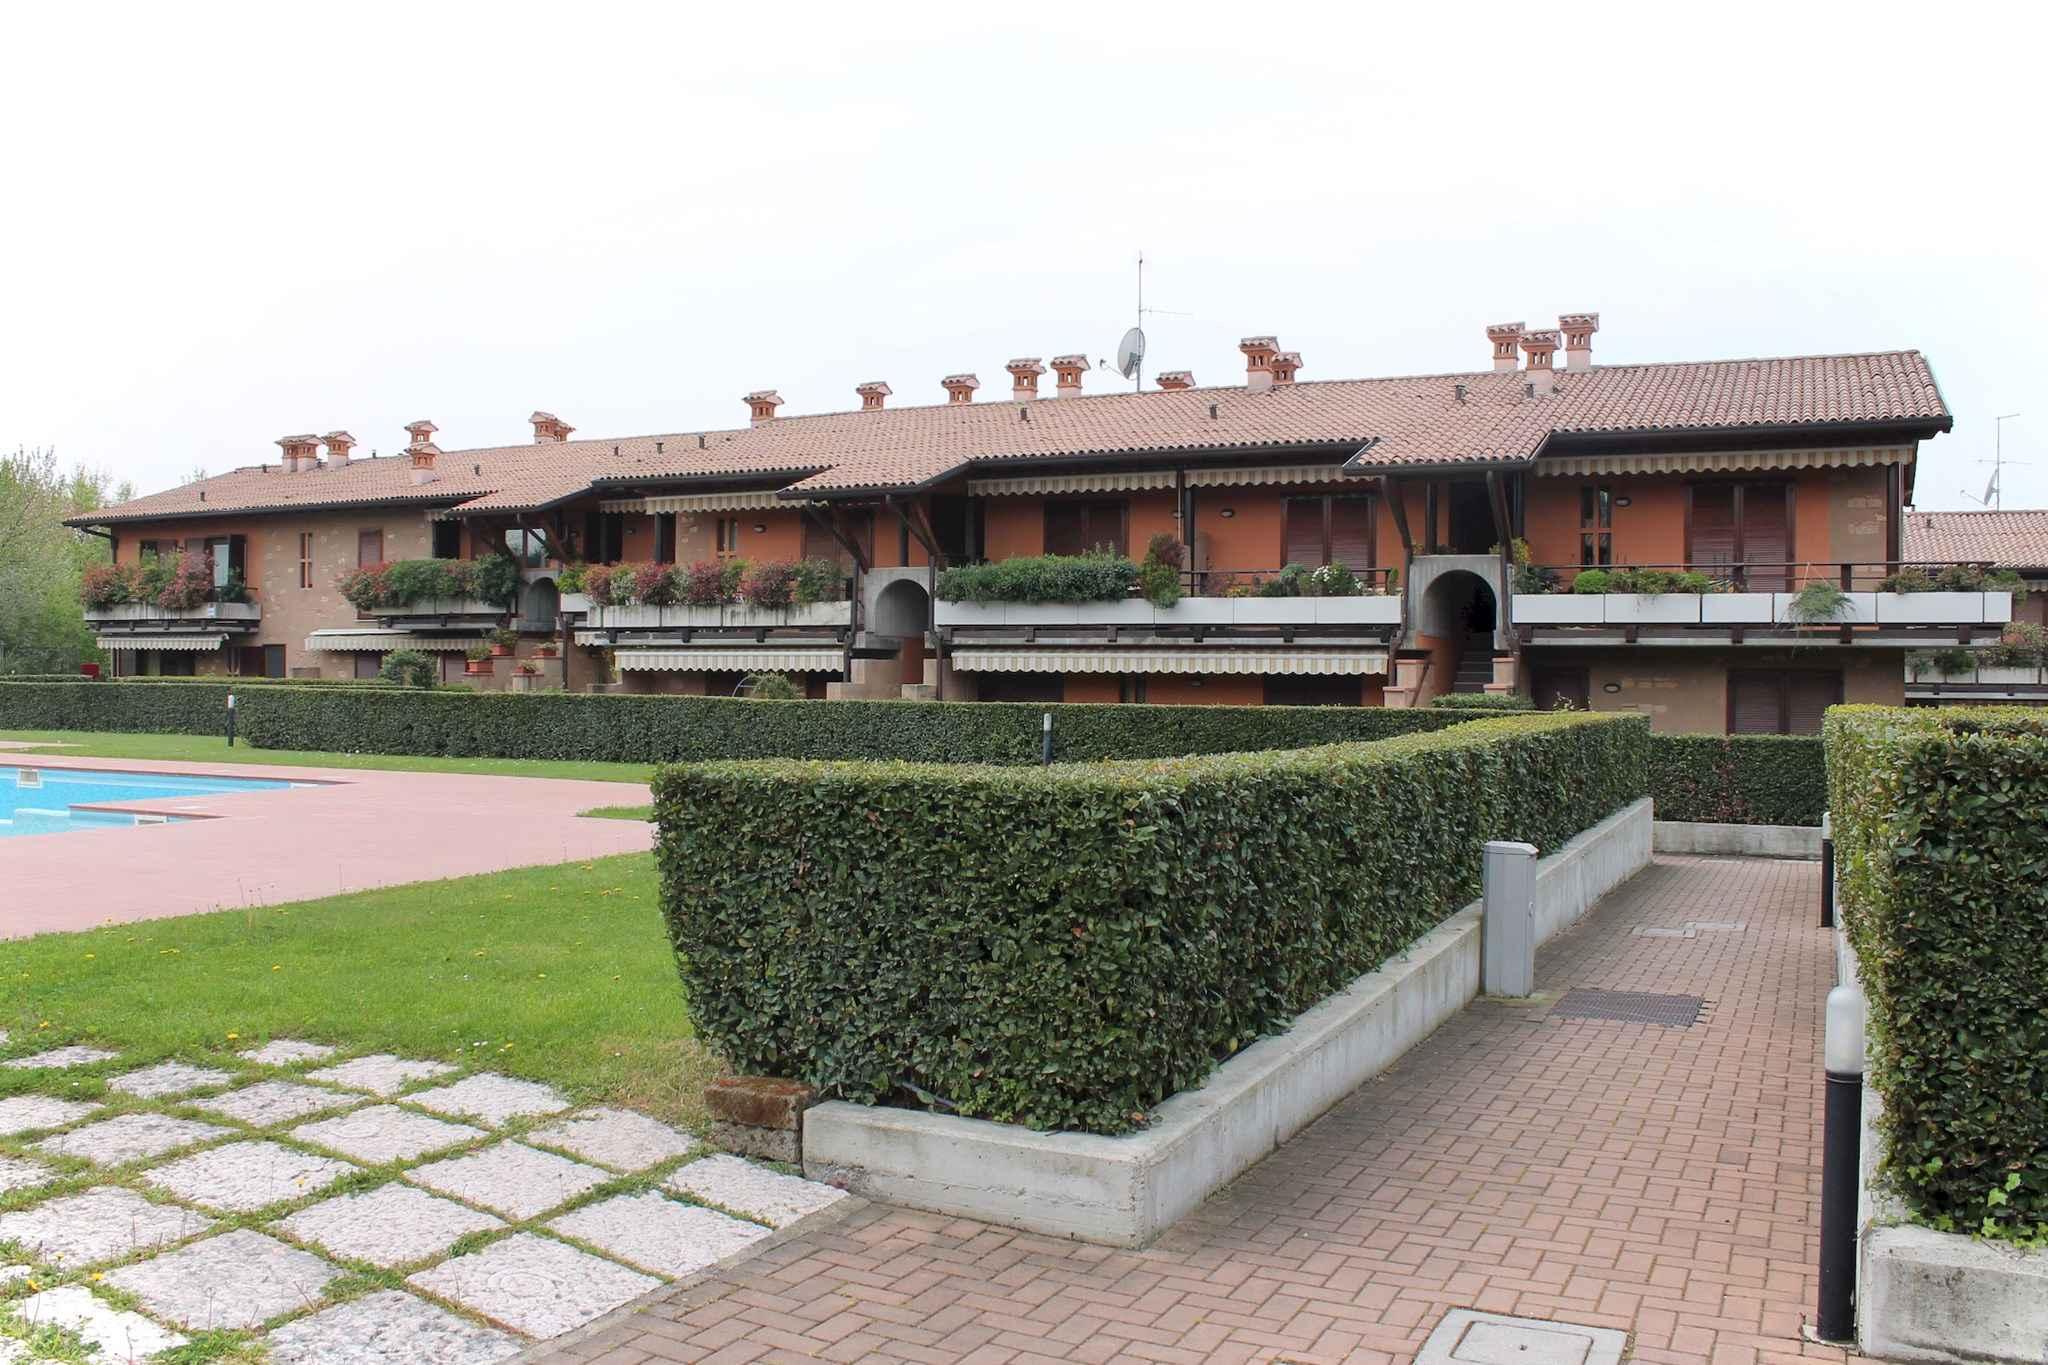 Ferienwohnung con piscina (377442), Lazise, Gardasee, Venetien, Italien, Bild 6